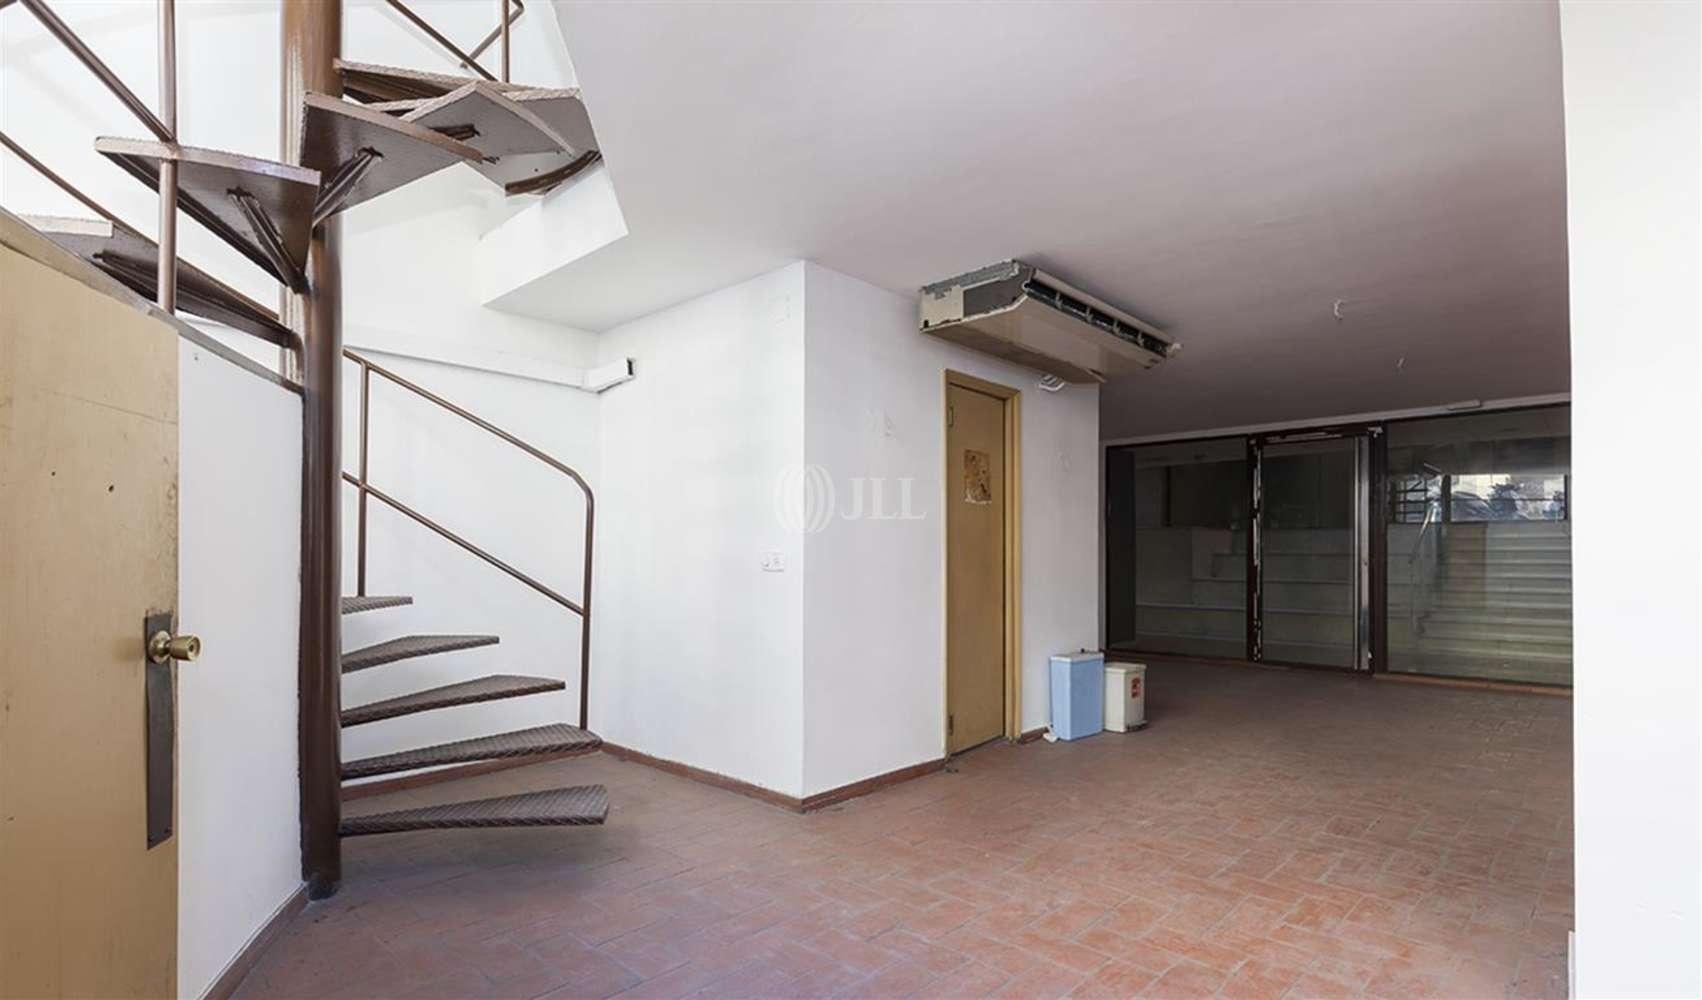 Local comercial Barcelona, 8029 - CALABRIA 193